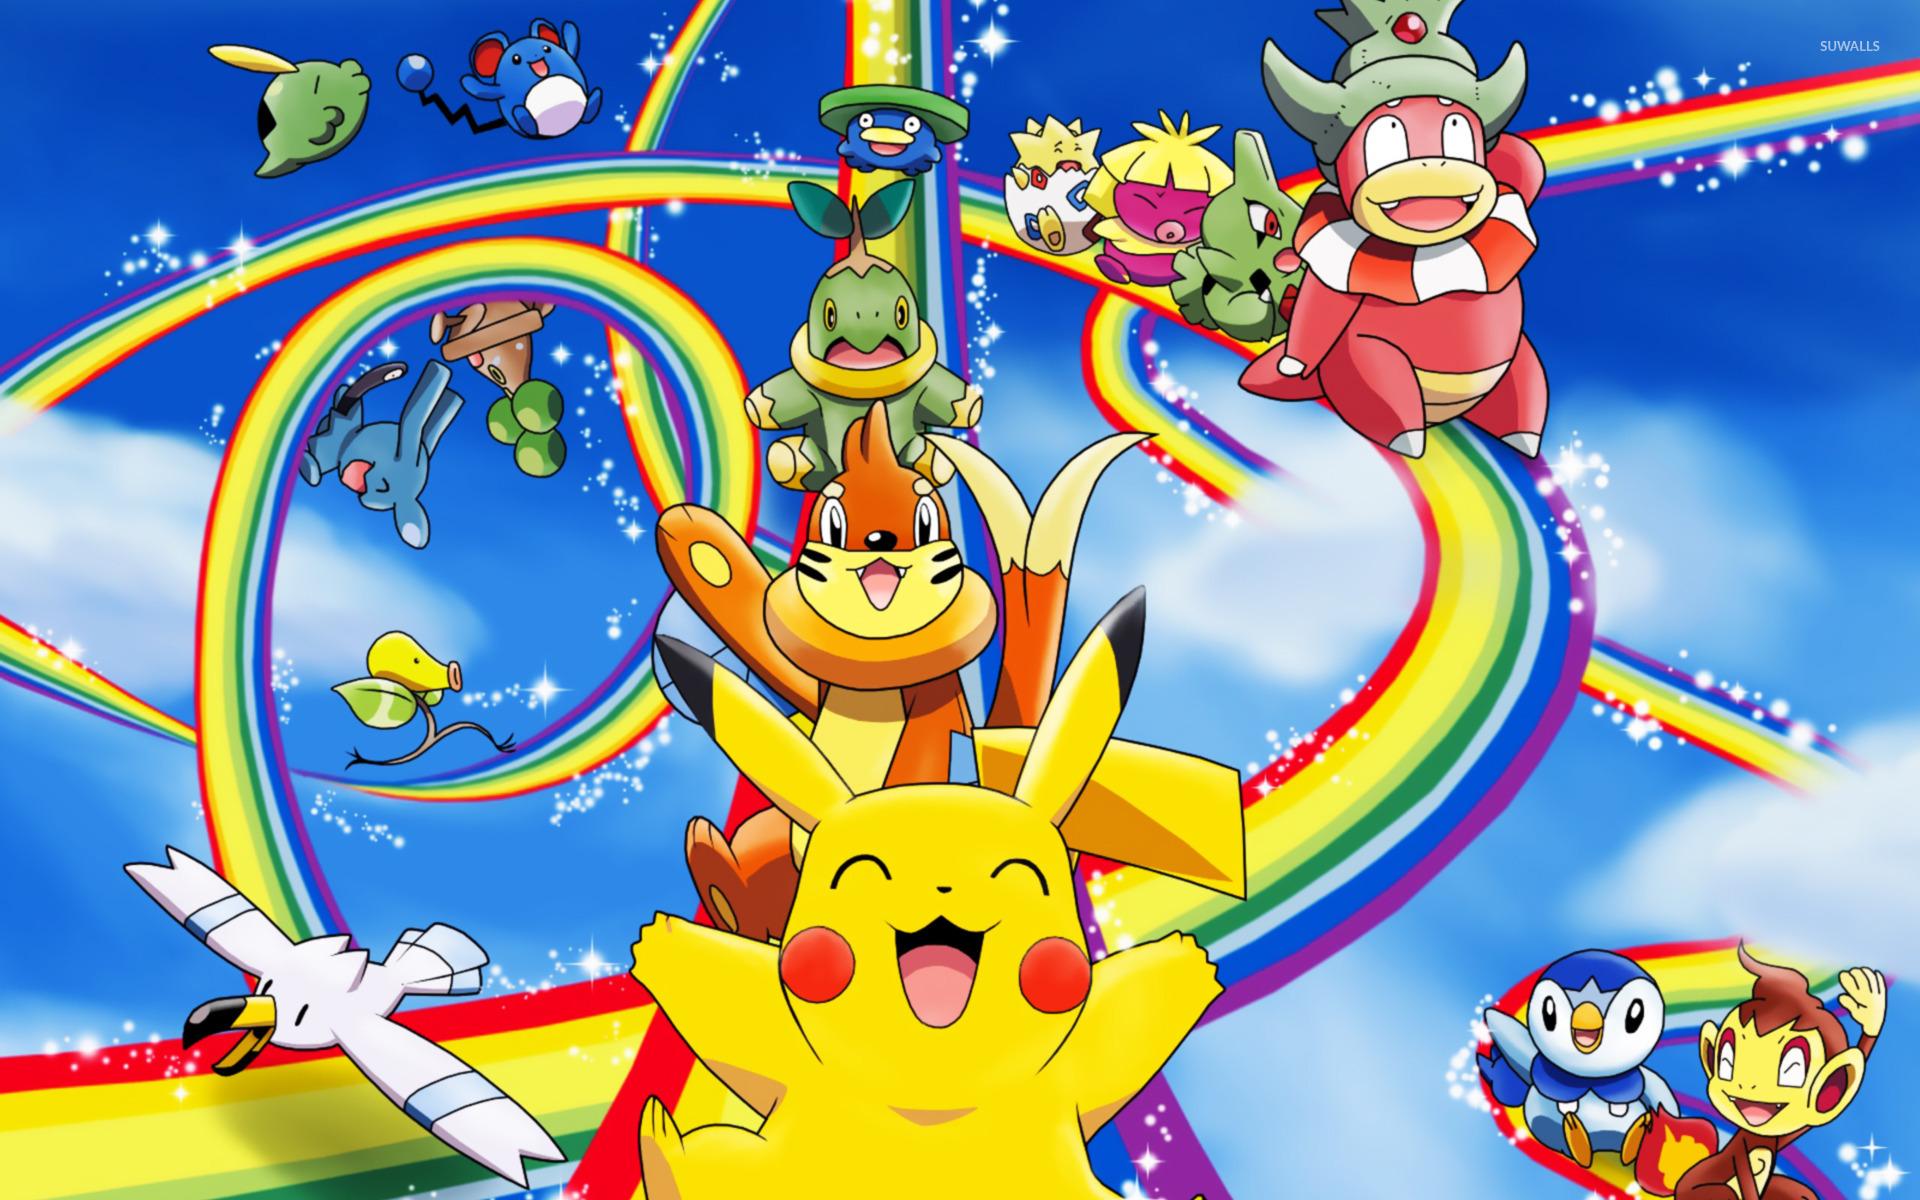 legendary pokemon wallpapers for computer